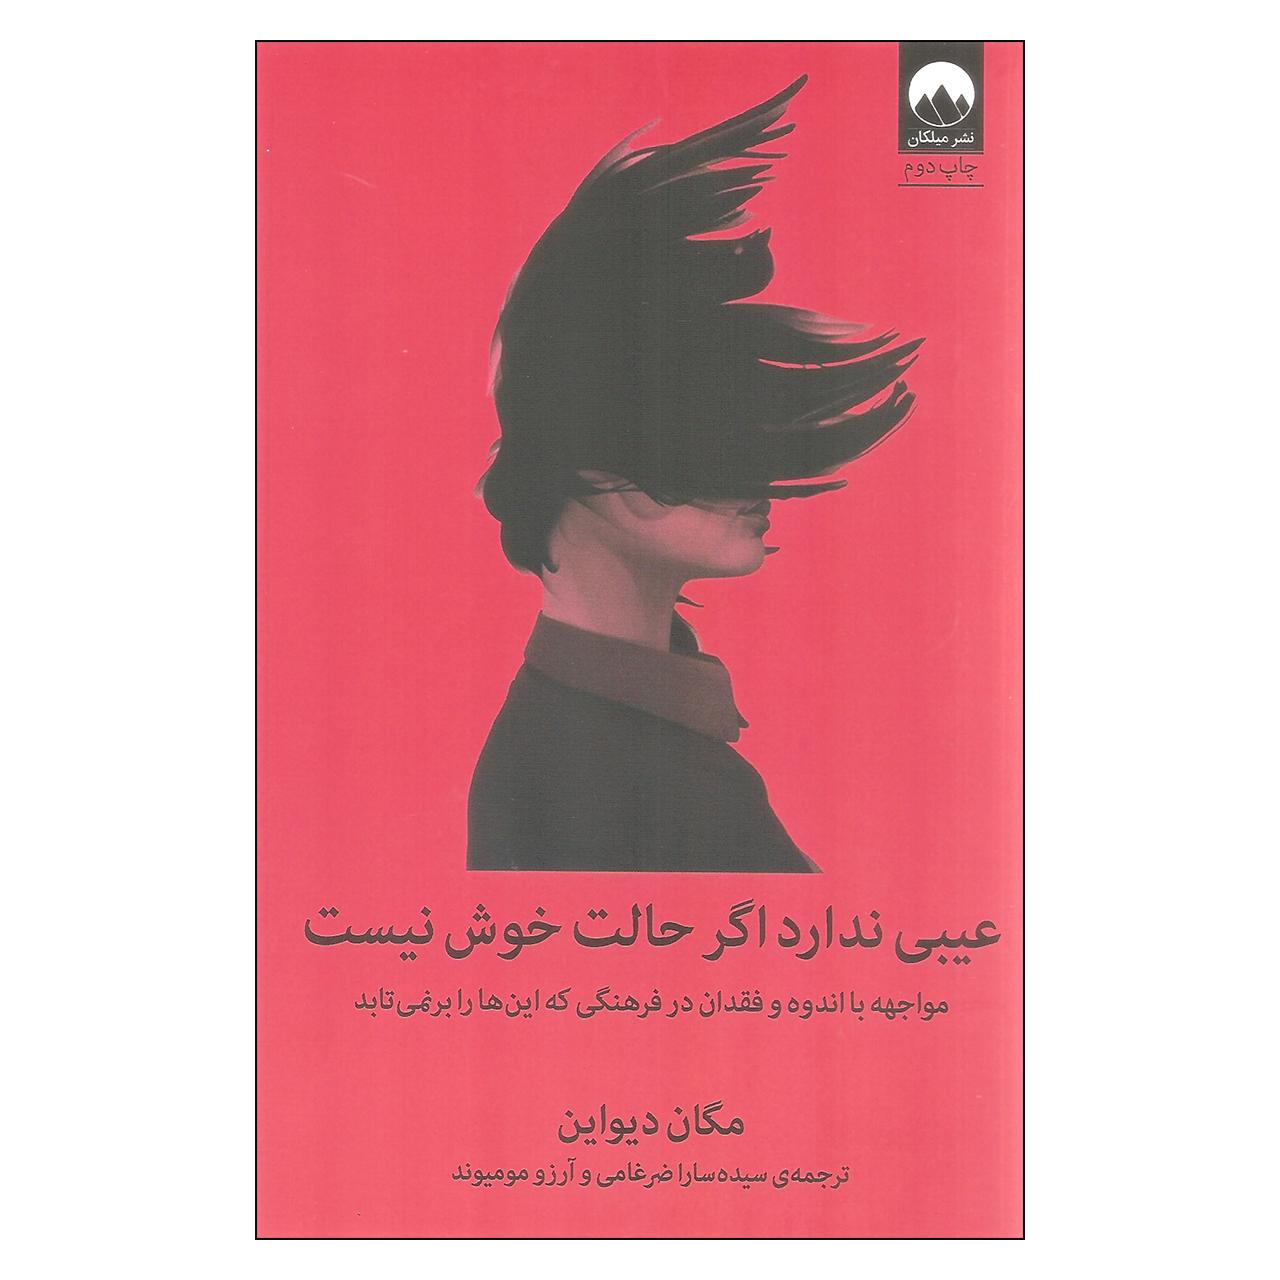 کتاب عیبی ندارد اگر حالت خوش نیست اثر مگان دیواین نشر میلکان